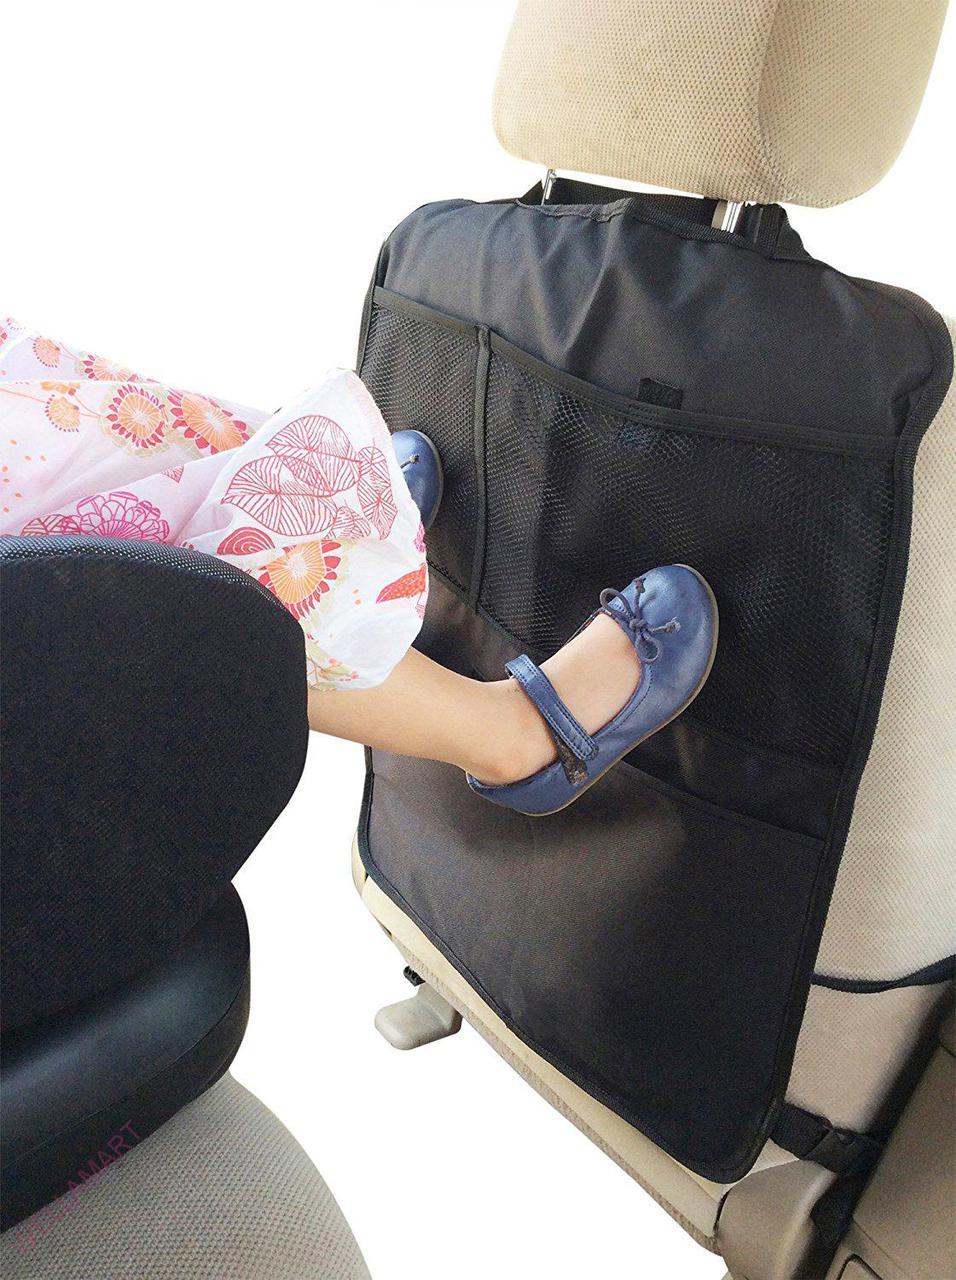 Чехол накидка на спинку переднего сиденья в авто